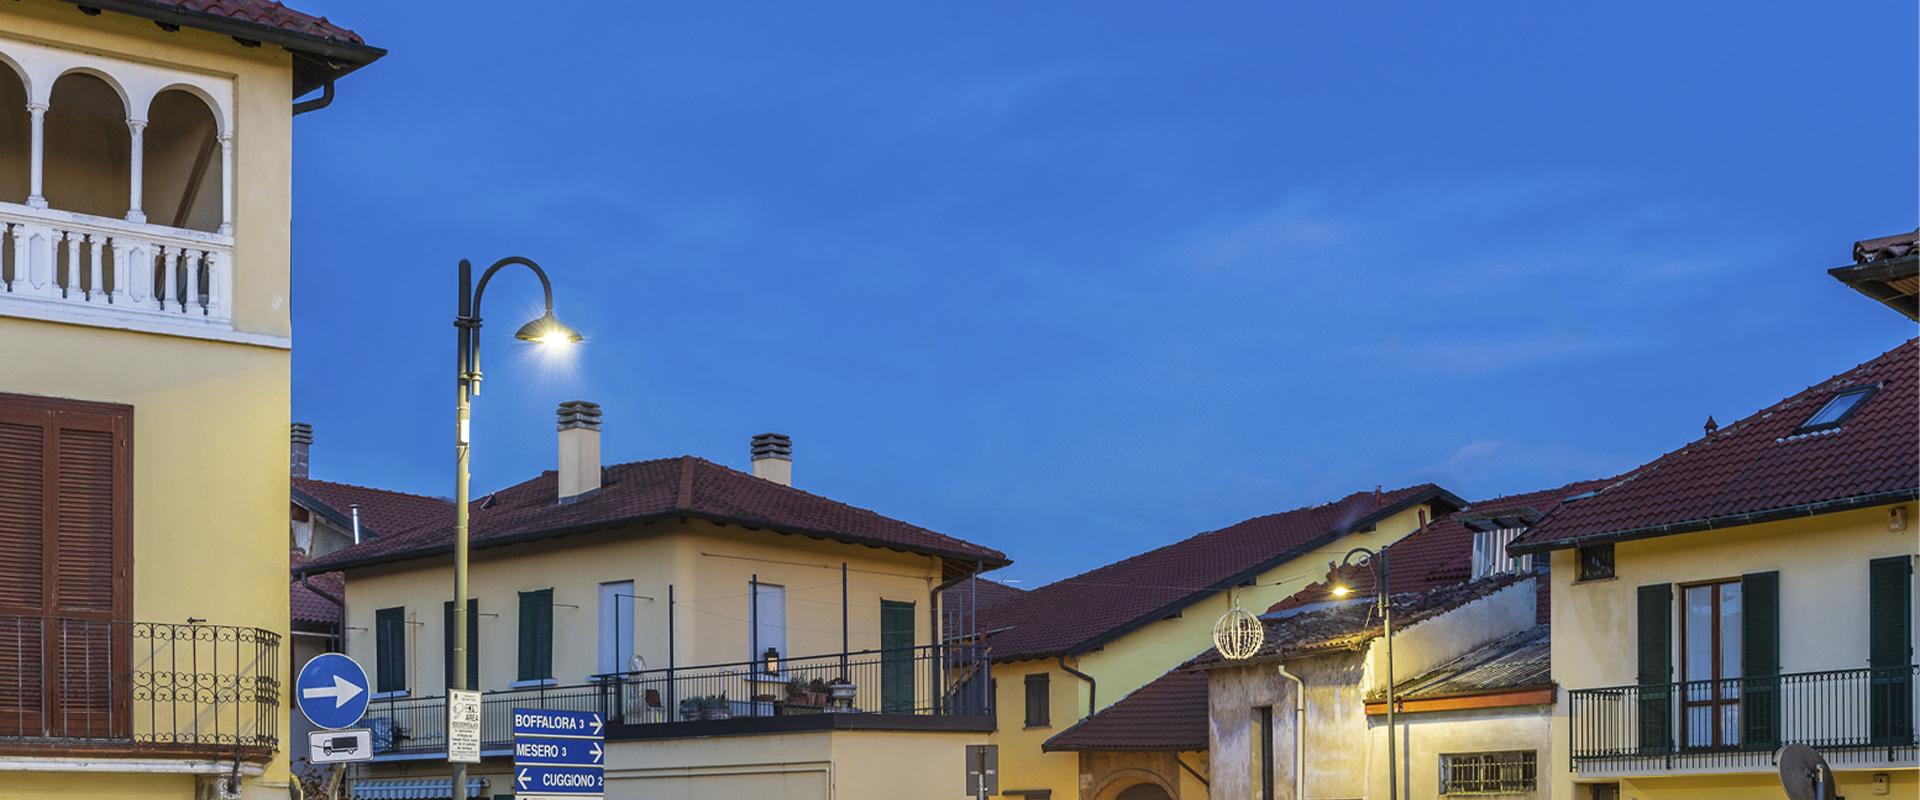 Lampione per illuminazione pubblica a LED